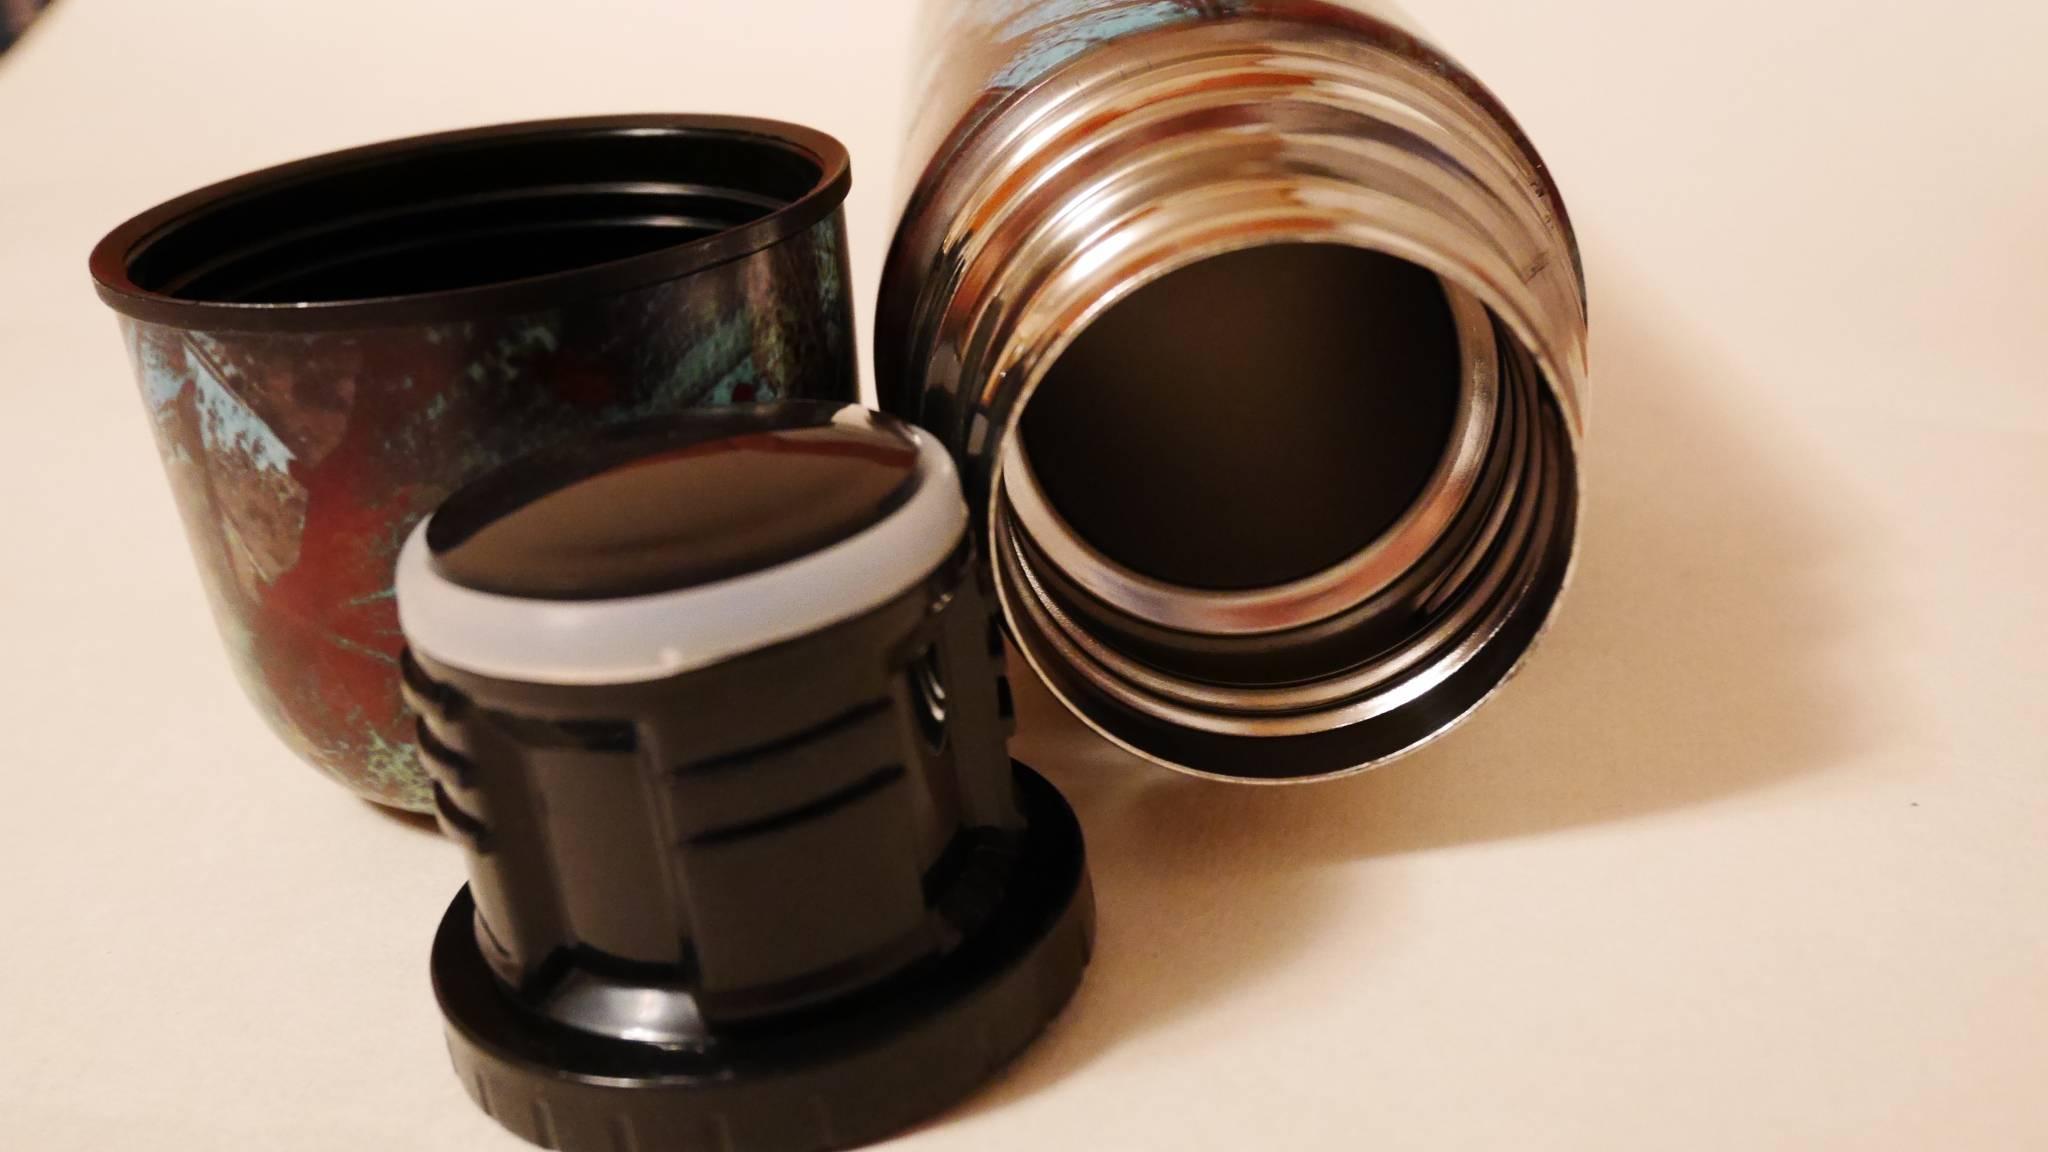 Как очистить термос от накипи и чайного налёта